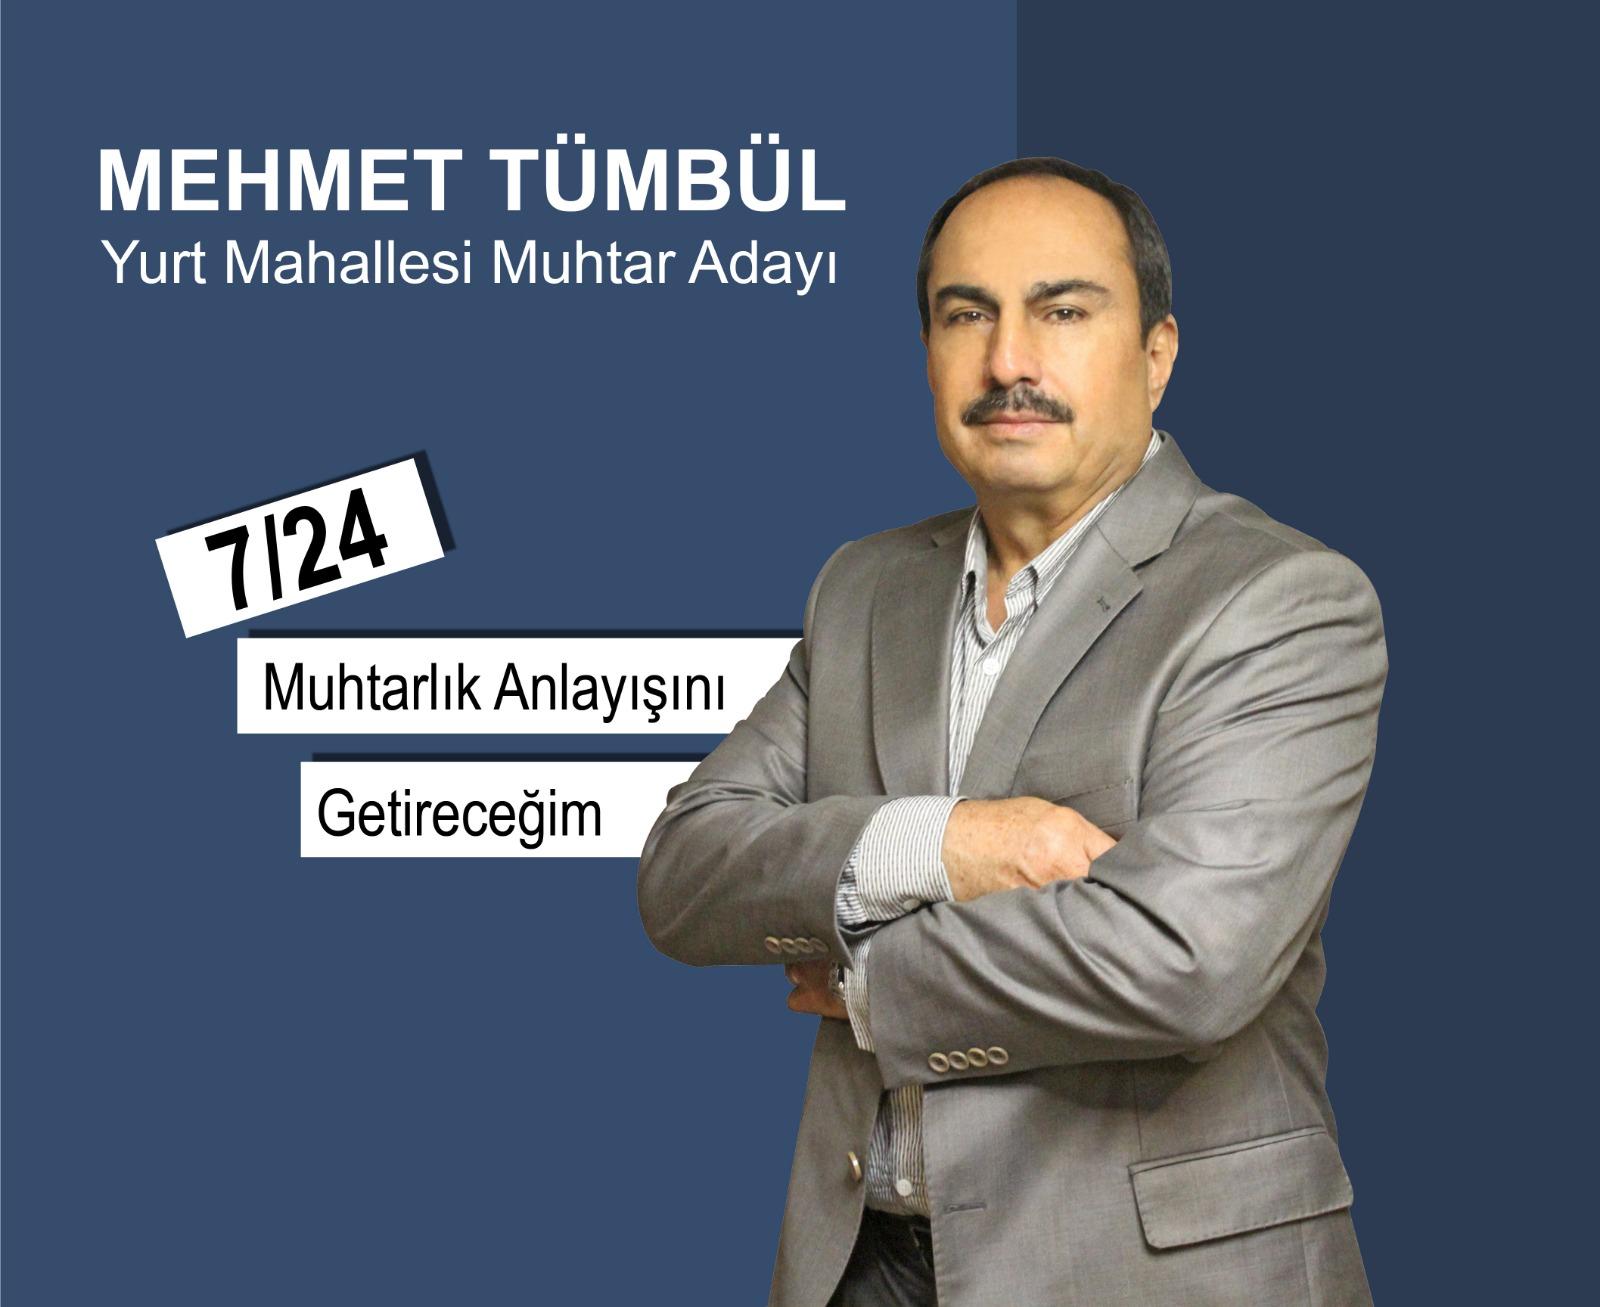 """Yurt Mahallesi Muhtar Adayı Mehmet Tümbül; """"7/24 Muhtarlık anlayışını getireceğim"""""""